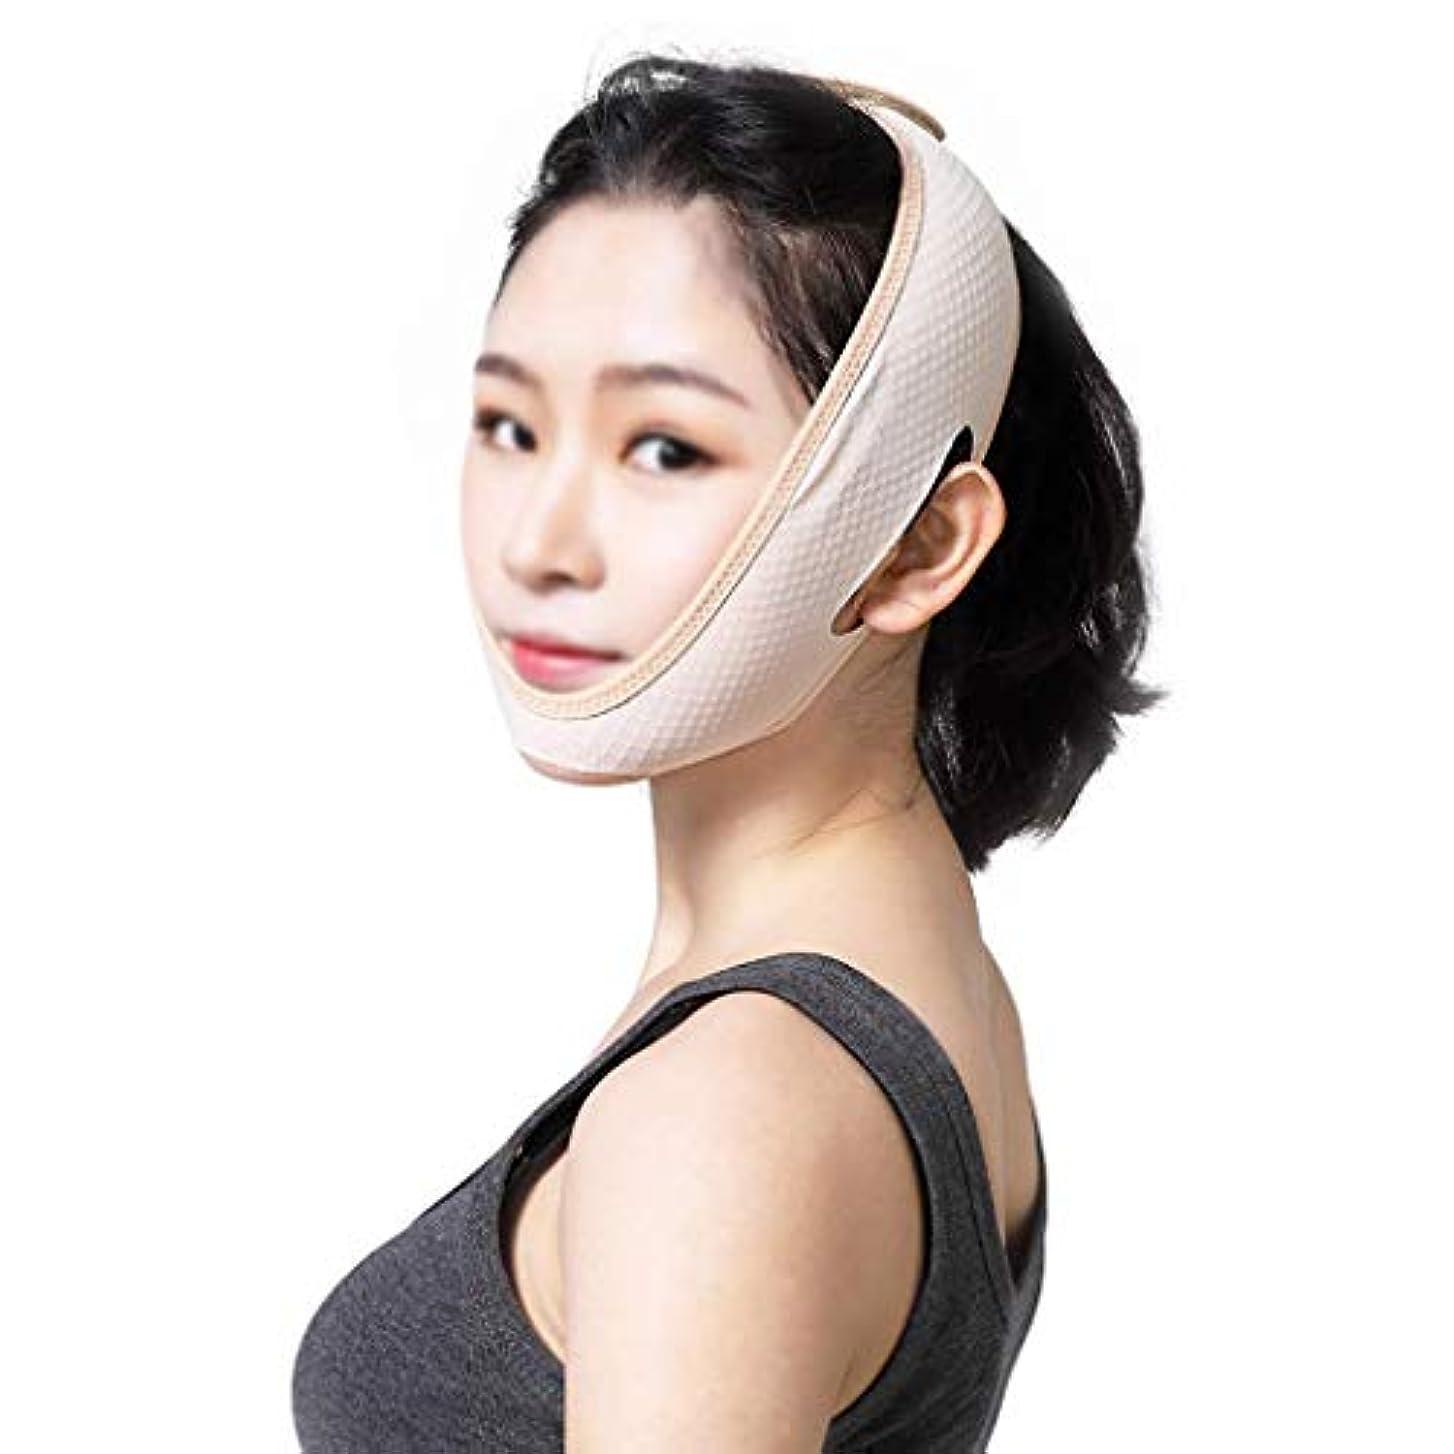 フェイスリフトマスク医療美容ライン彫刻術後回復マスクvフェイスリフティングタイトヘッドギアあごあご包帯薄い顔楽器アーティファクト